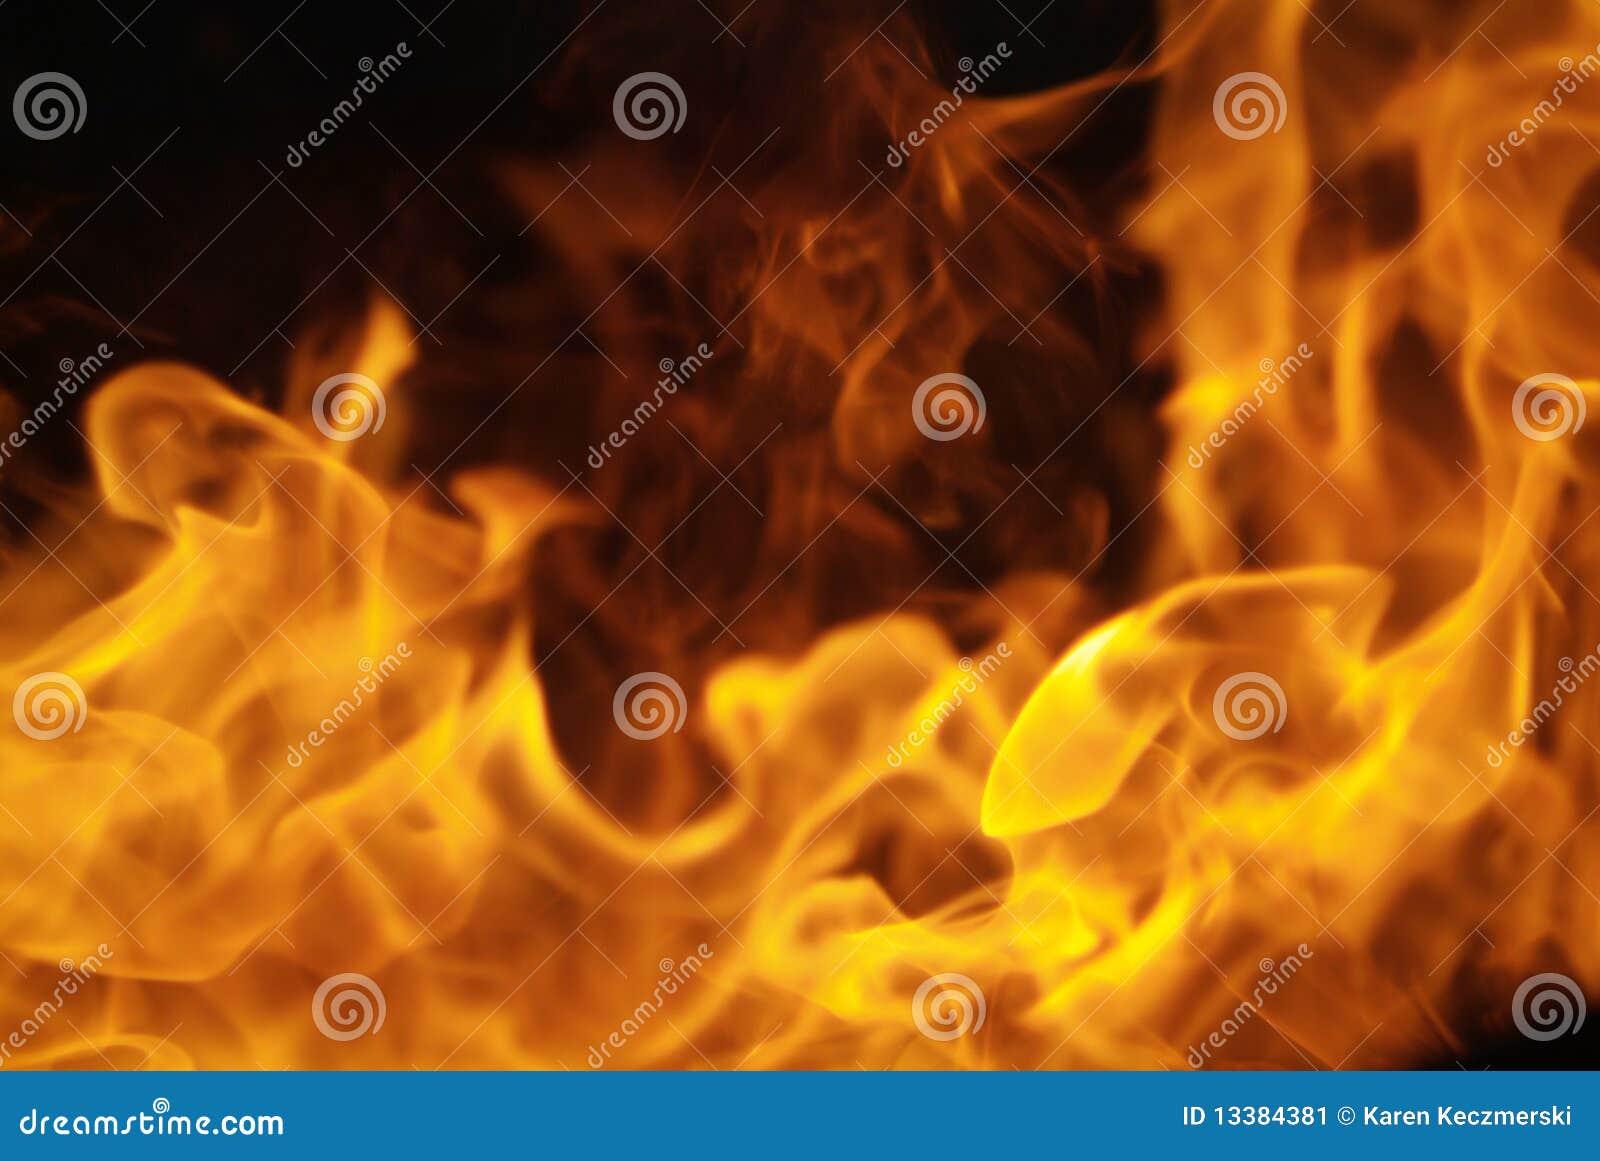 Vlammende brandgrens